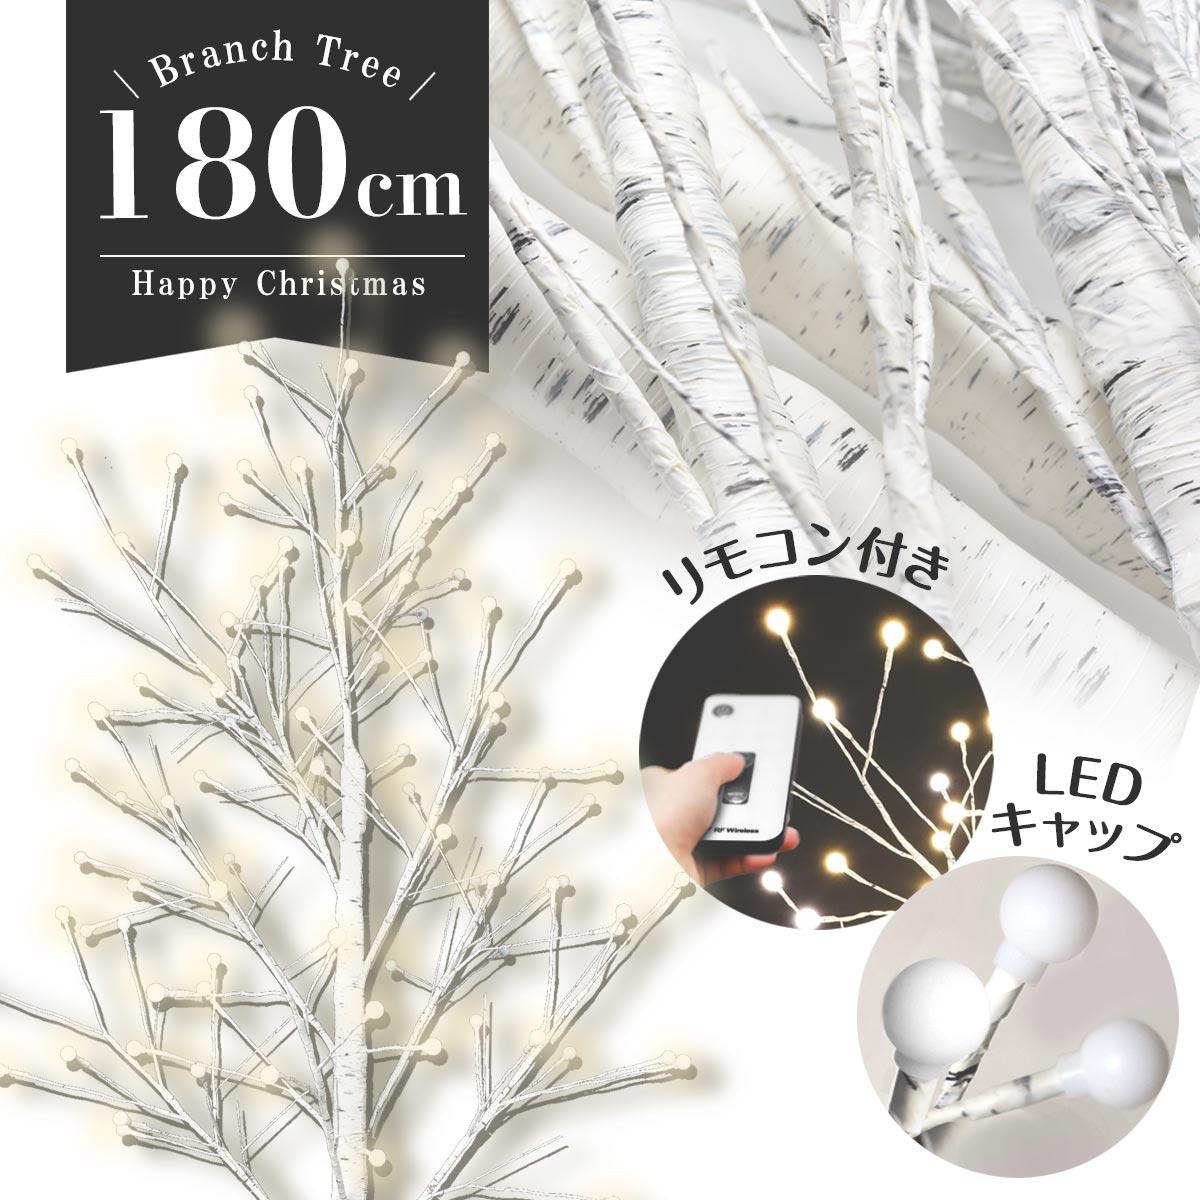 クリスマスツリー 白樺ツリー シラカバツリー 白 180cm 北欧 おしゃれ ウェルカムツリー ハロウィン ヌードツリー 白樺 シラカバ ツリー ブランチツリー led ライト